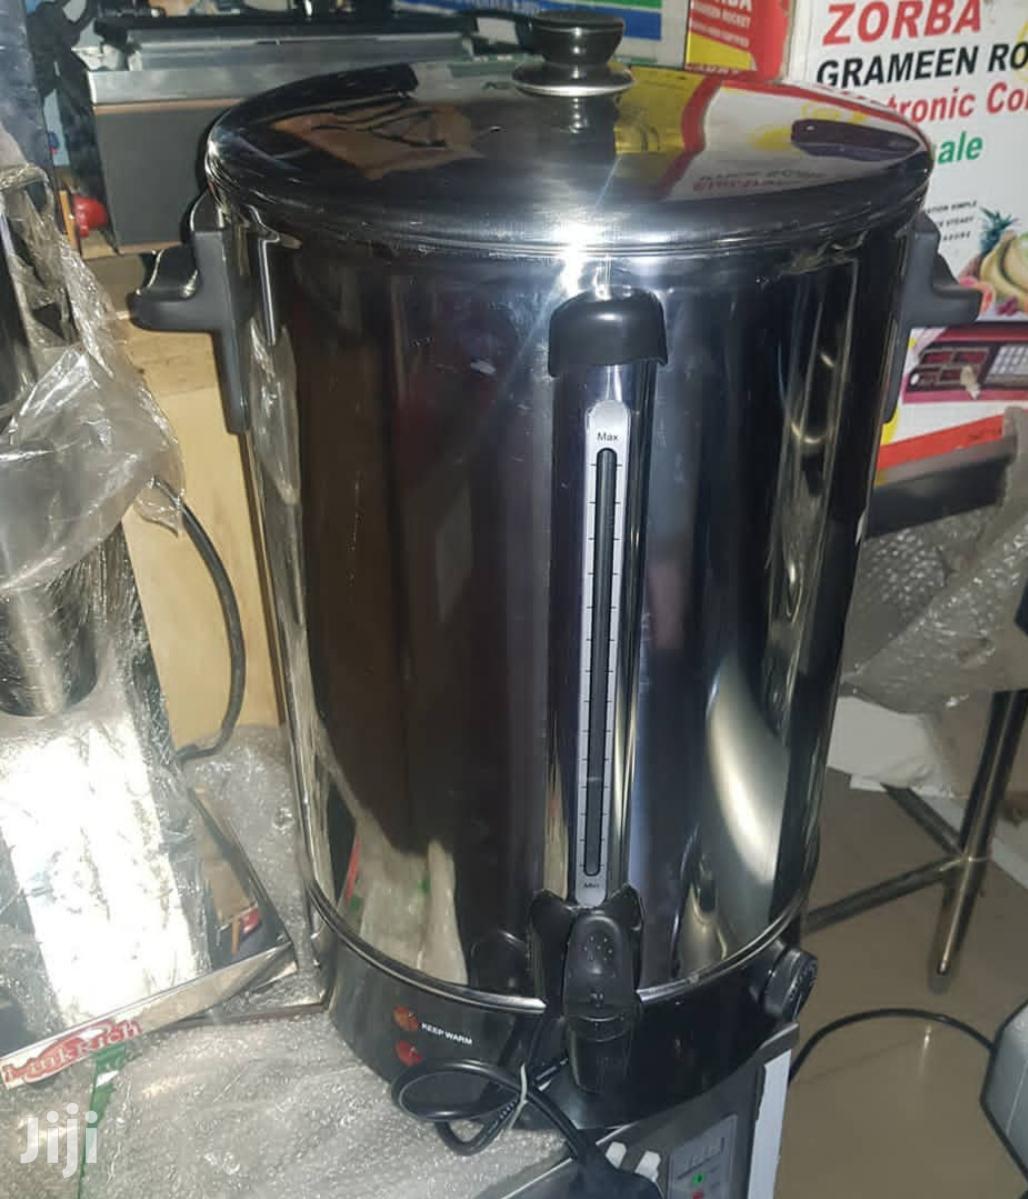 Electric Water Boiler - Tea Urn